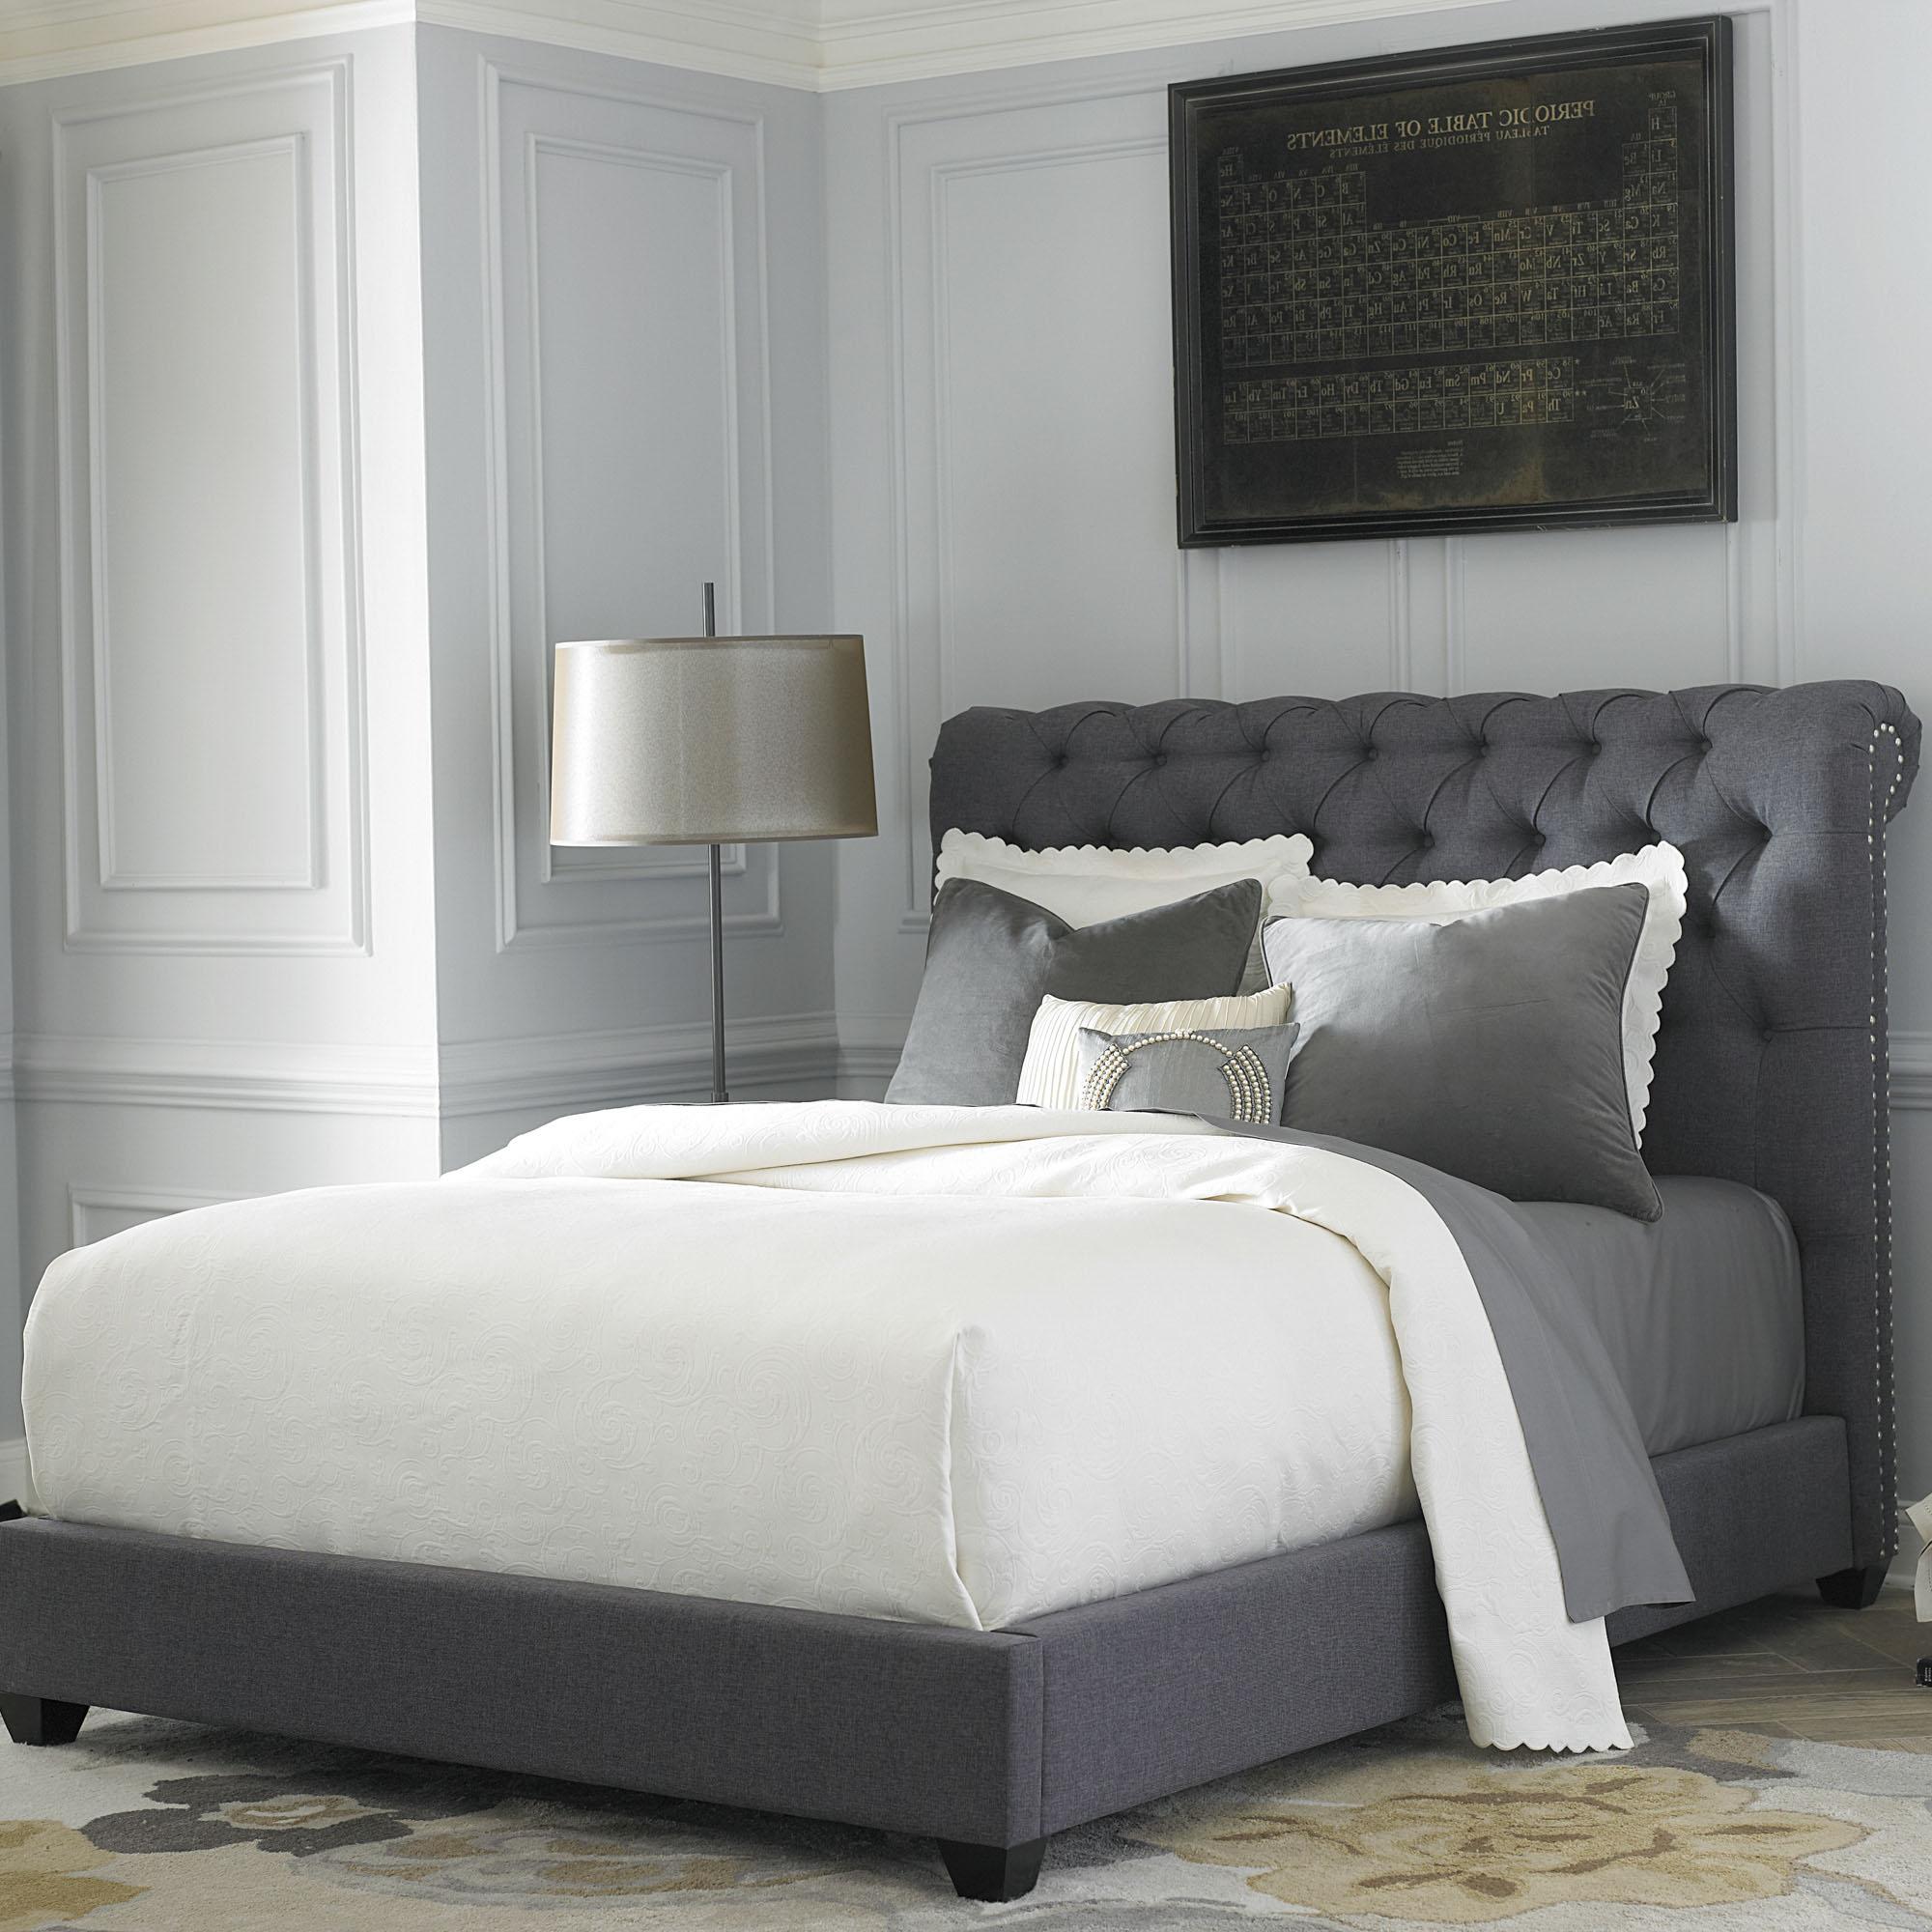 Bedroom Collection, Bedroom Set, Bedroom Furniture (View 13 of 20)